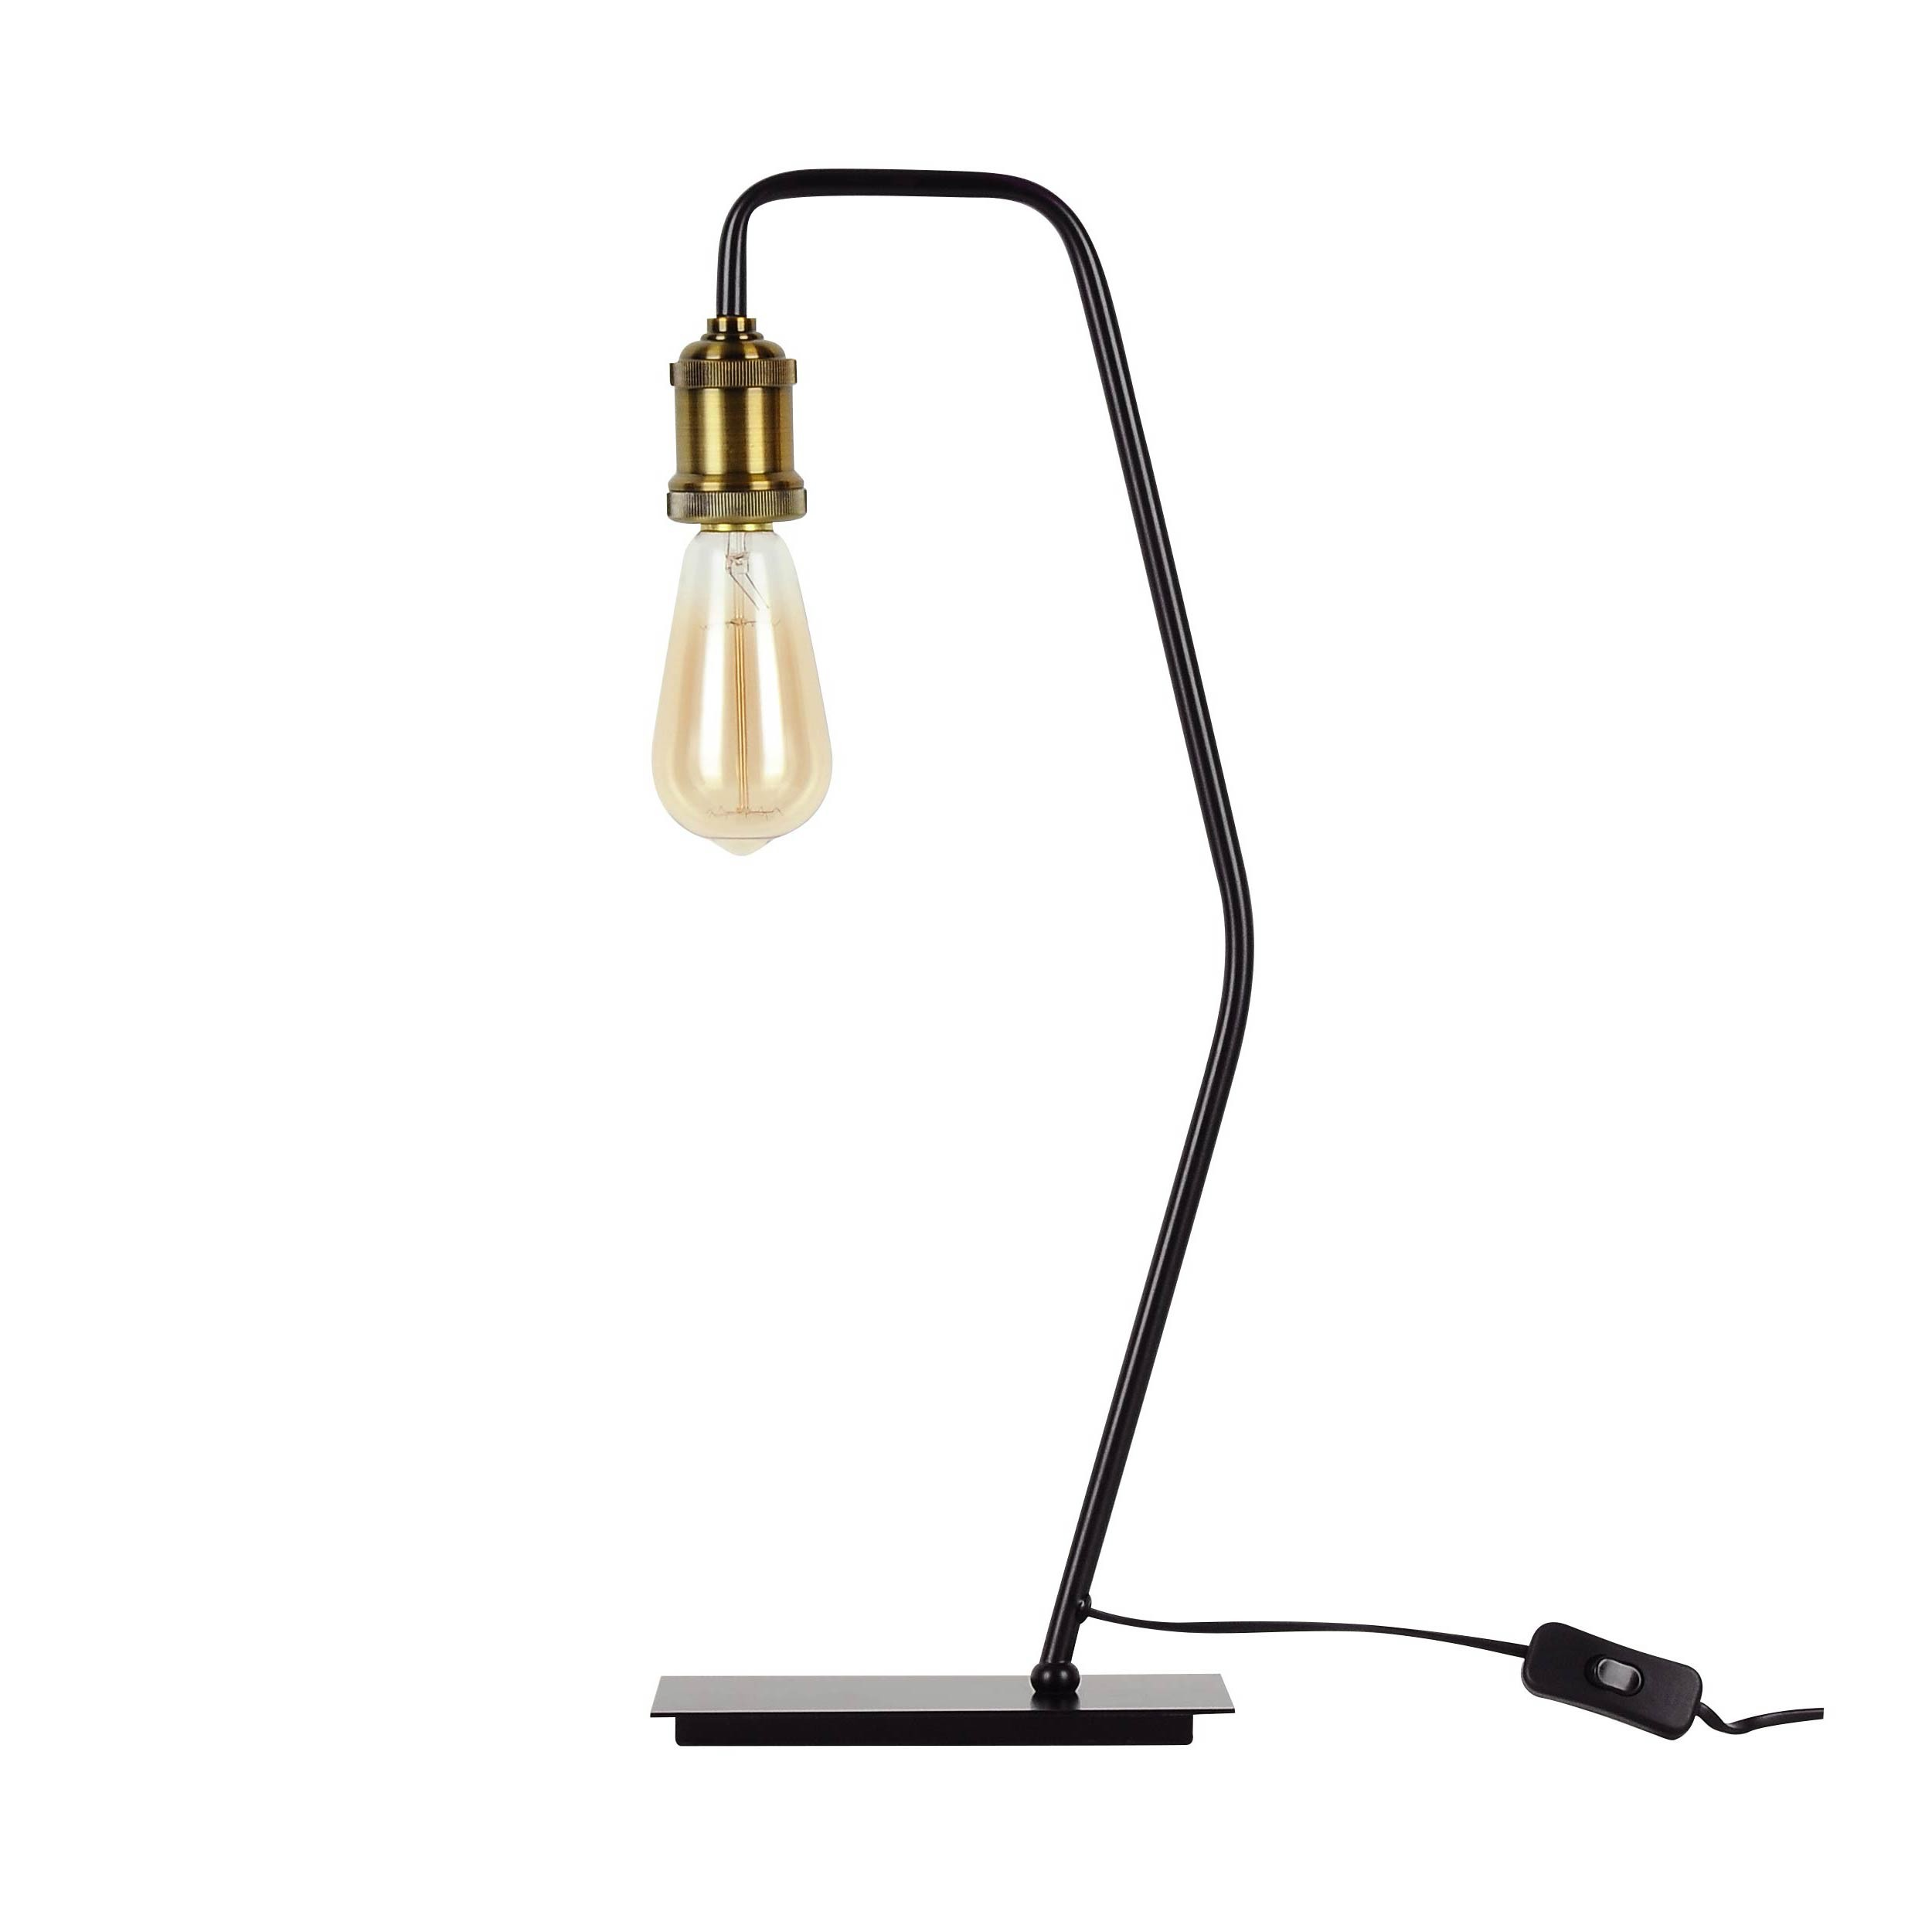 Incluse Lampe Poser Bronzeampoule À Lyssa 8nOkwP0